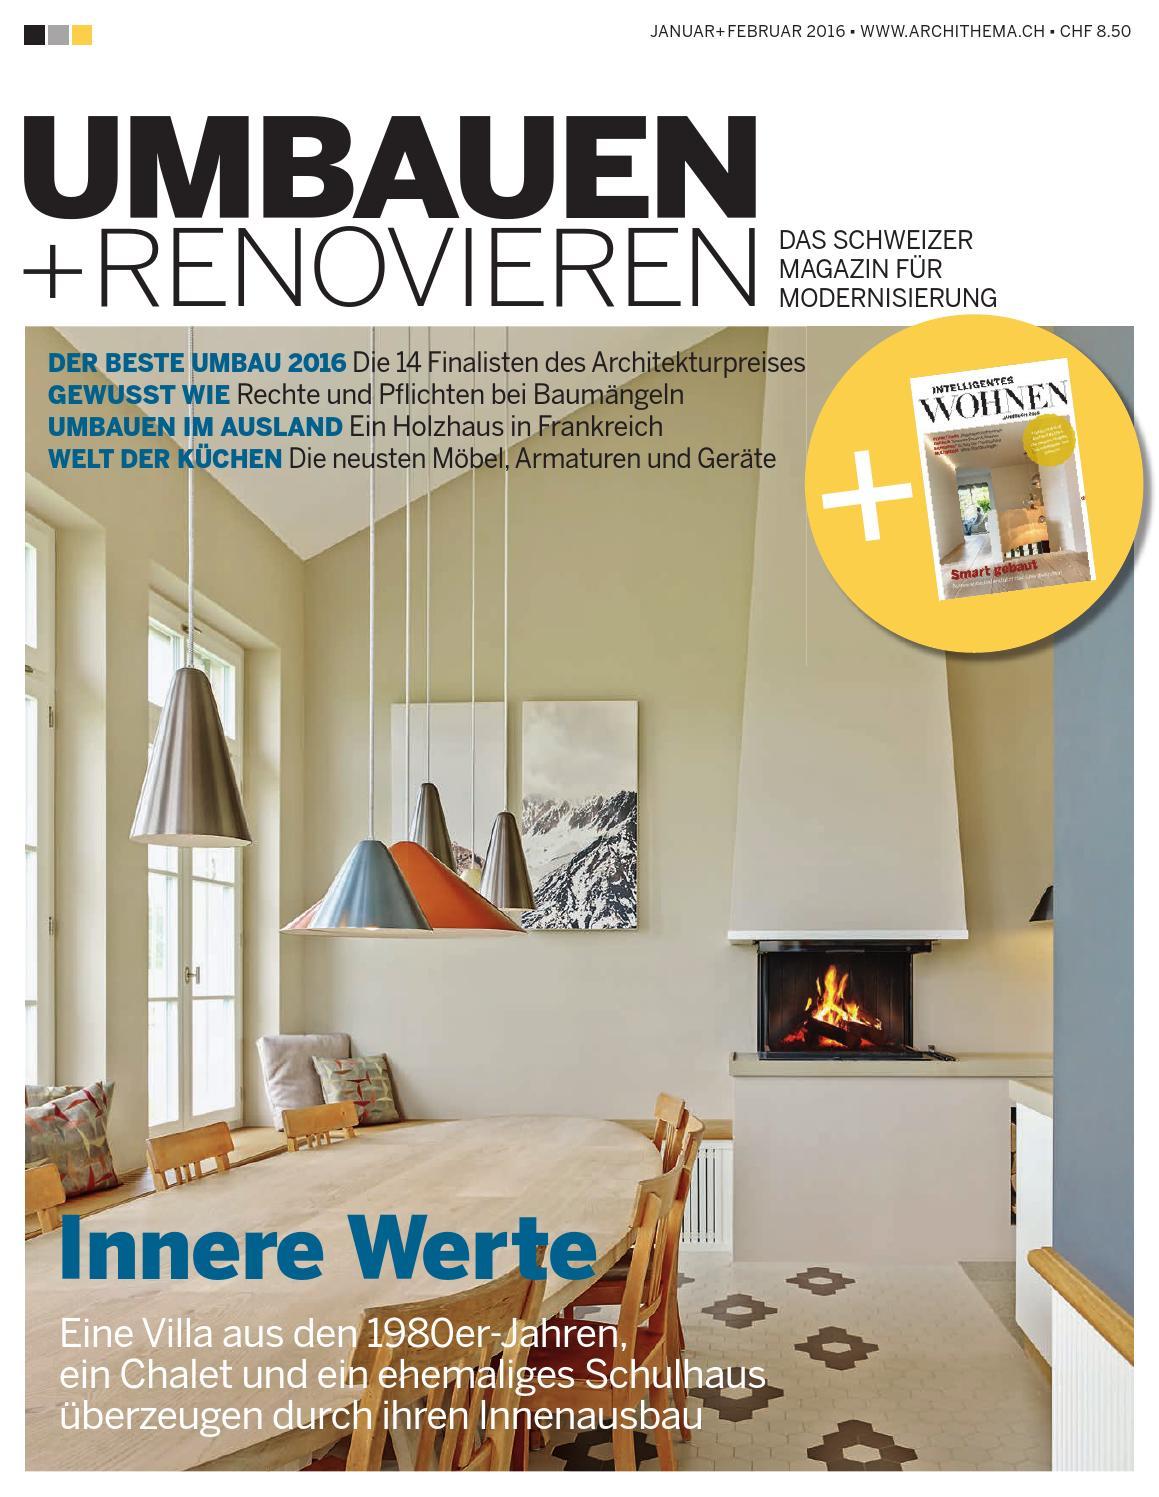 Umbauen + Renovieren 01/2016 by Archithema Verlag - issuu